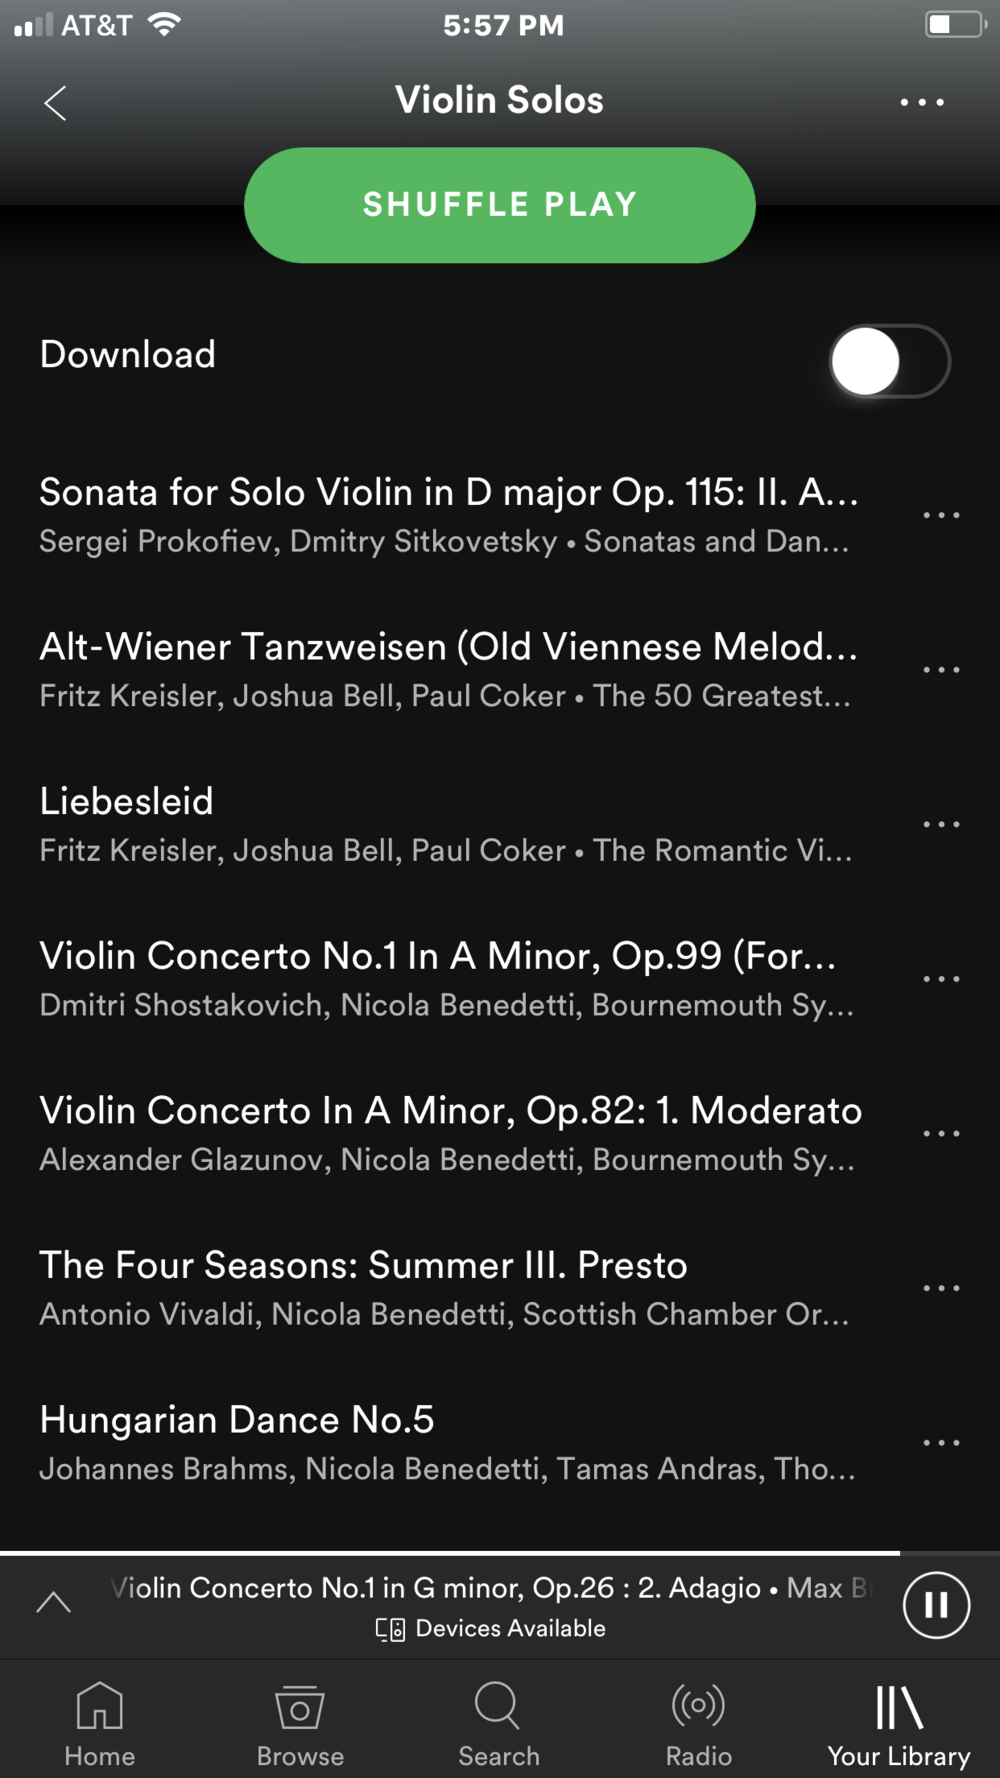 Spotify violin solos